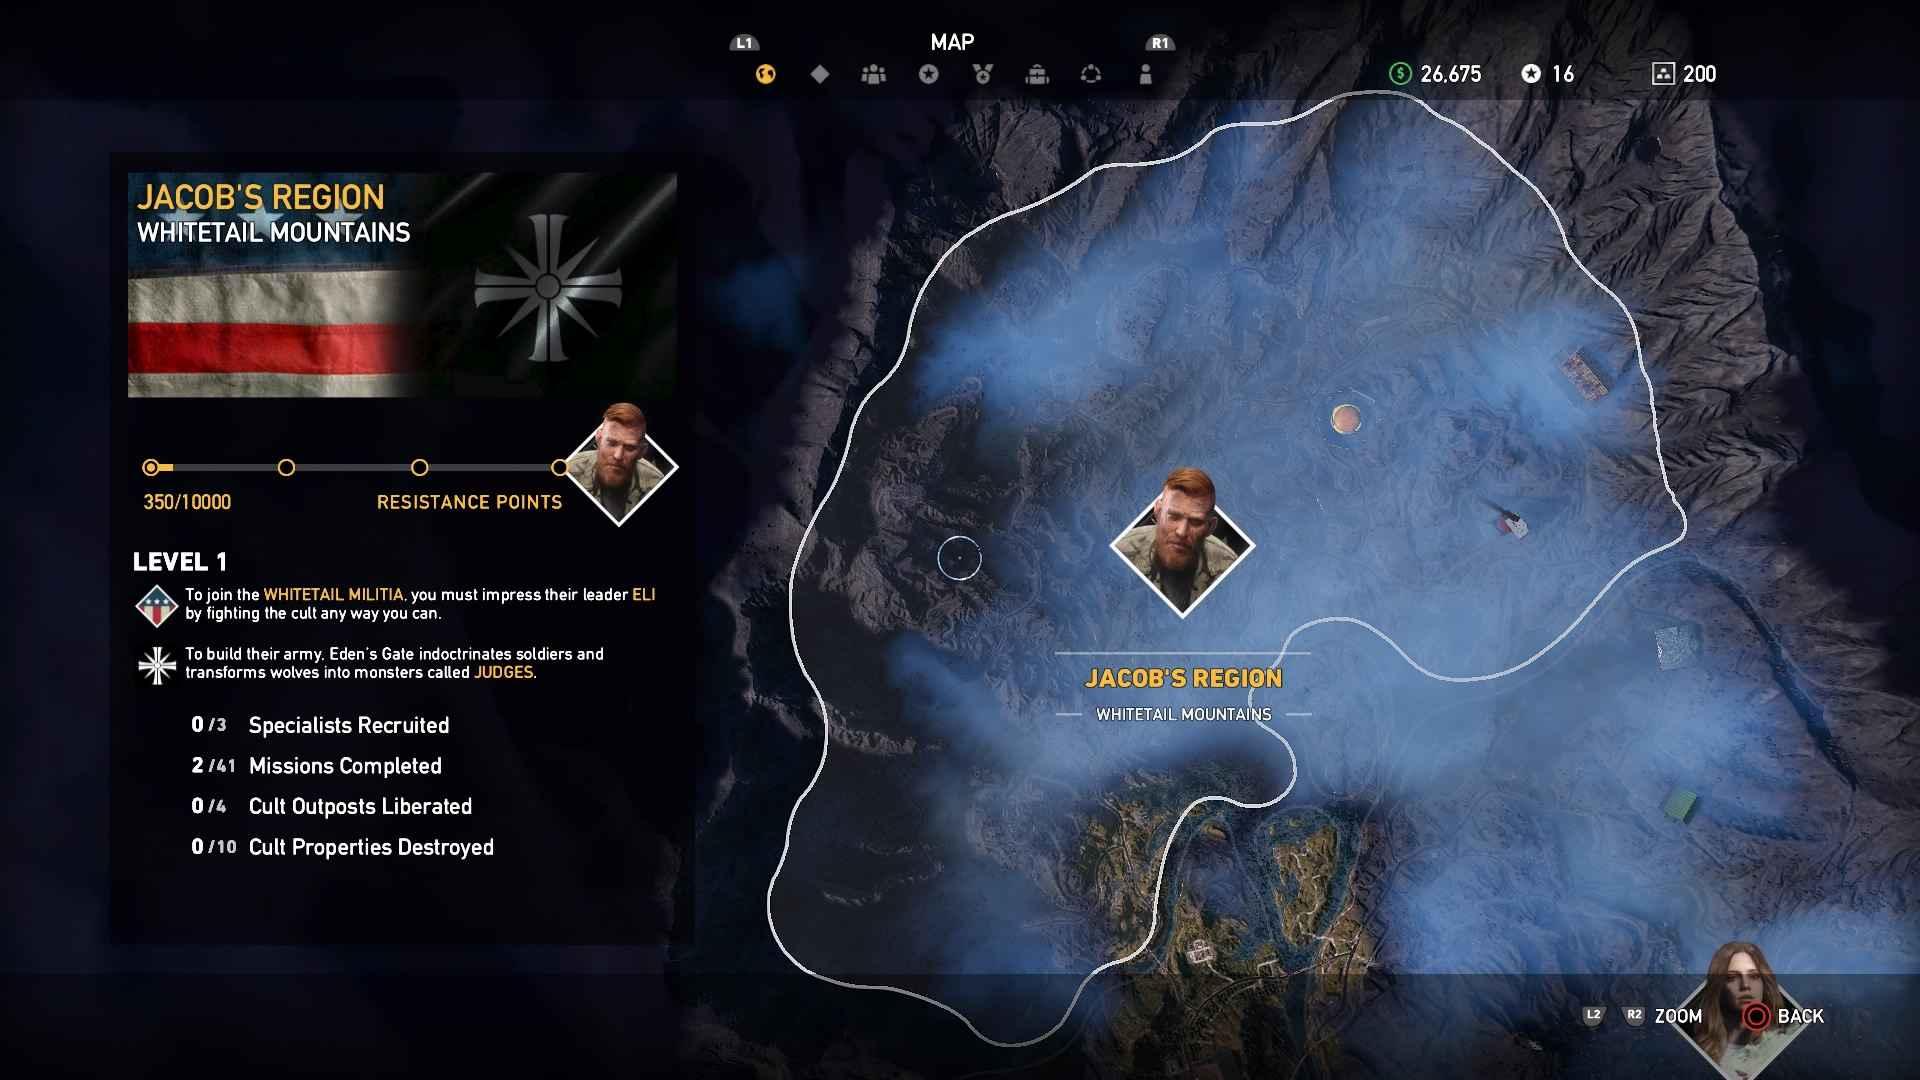 far cry 5 map editor reddit